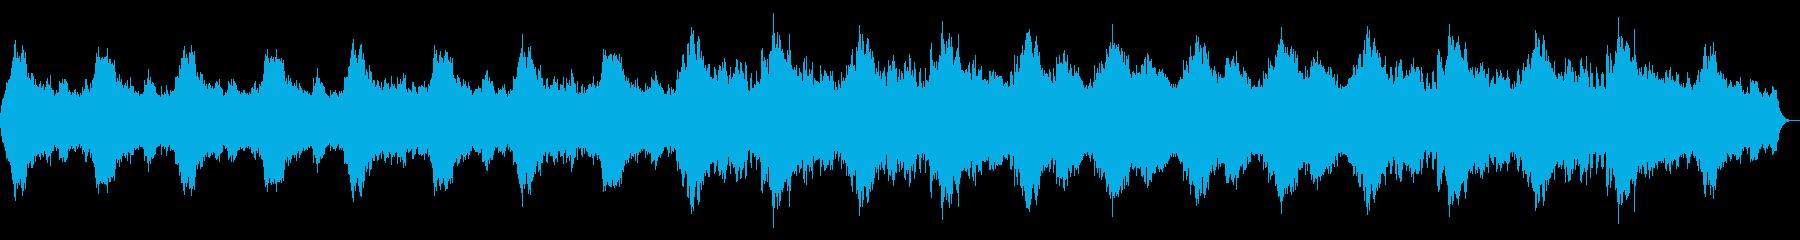 深海の神秘を感じるヒーリングBGMの再生済みの波形